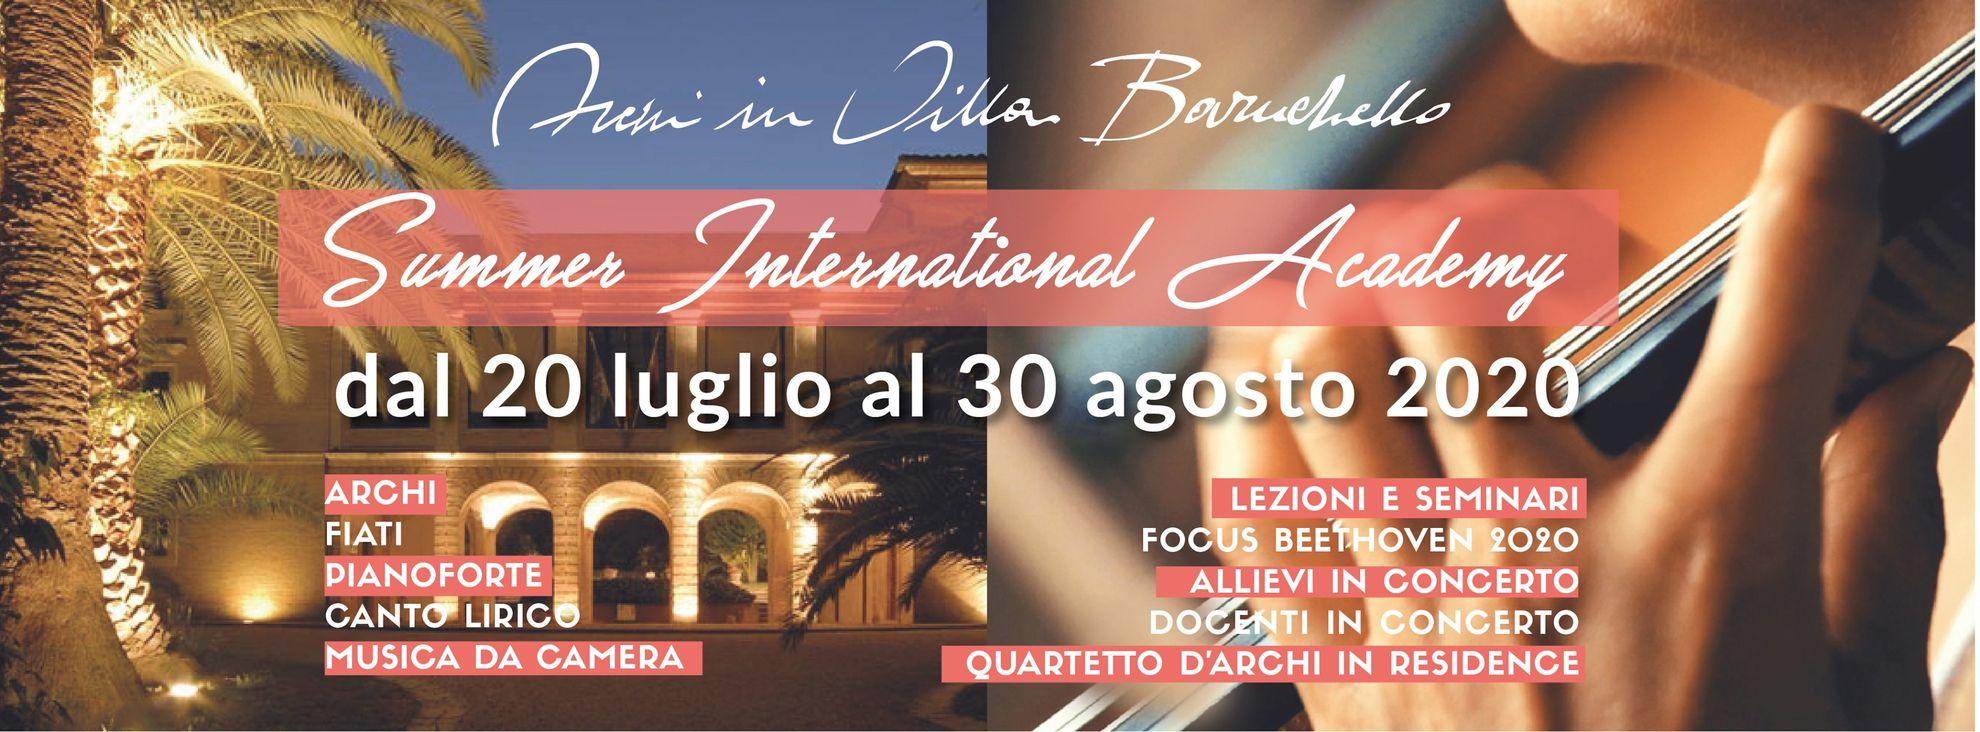 """Torna il Festival """"Archi in Villa Baruchello"""" a Porto Sant'Elpidio"""